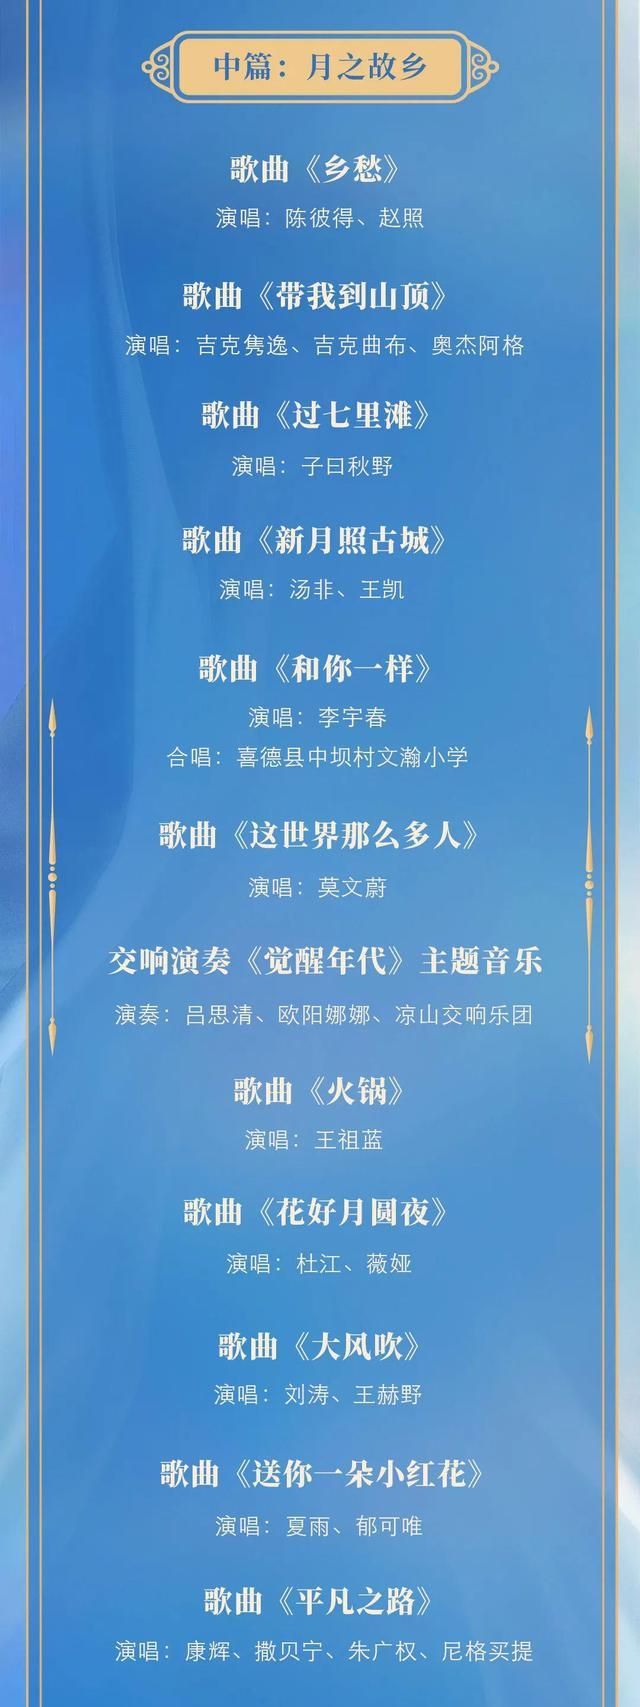 官宣!2021年中央广播电视总台中秋晚会节目单来了!